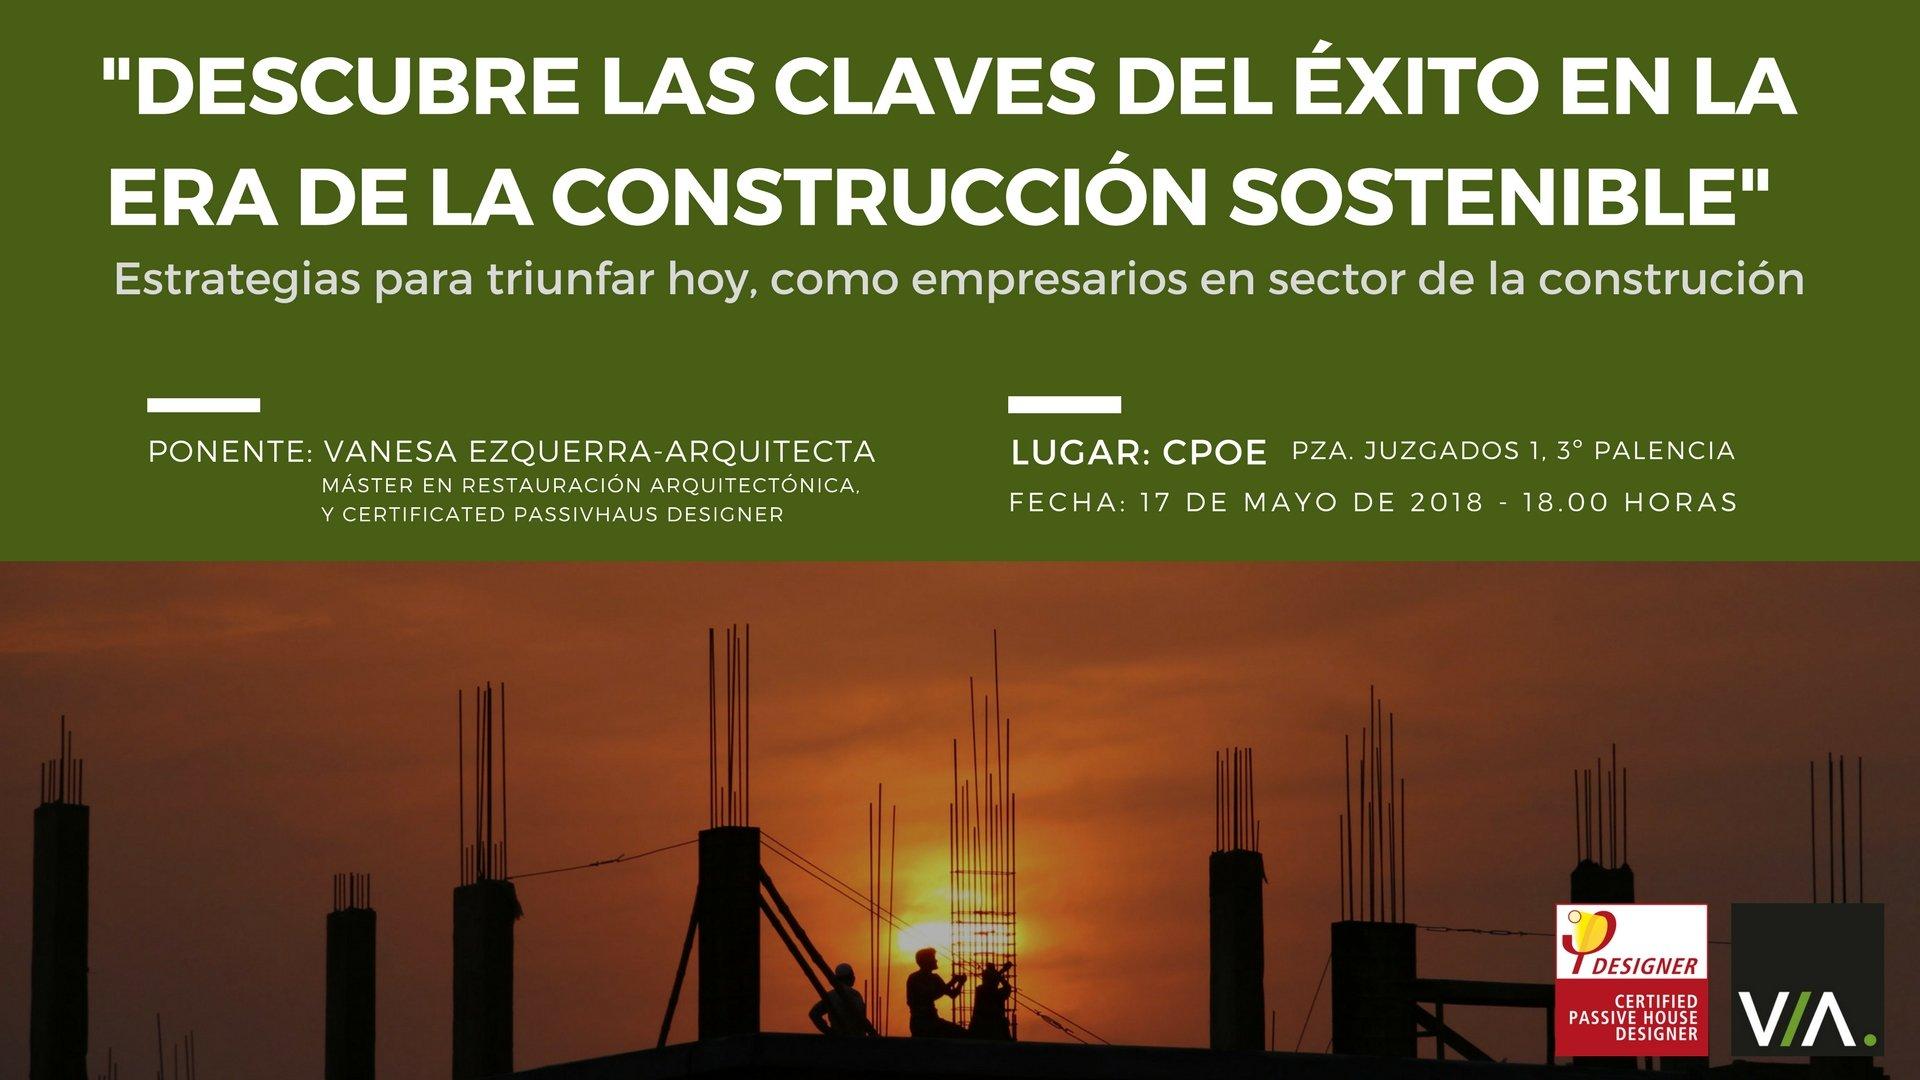 Claves del Éxito en la Era de la Construcción Sostenible.